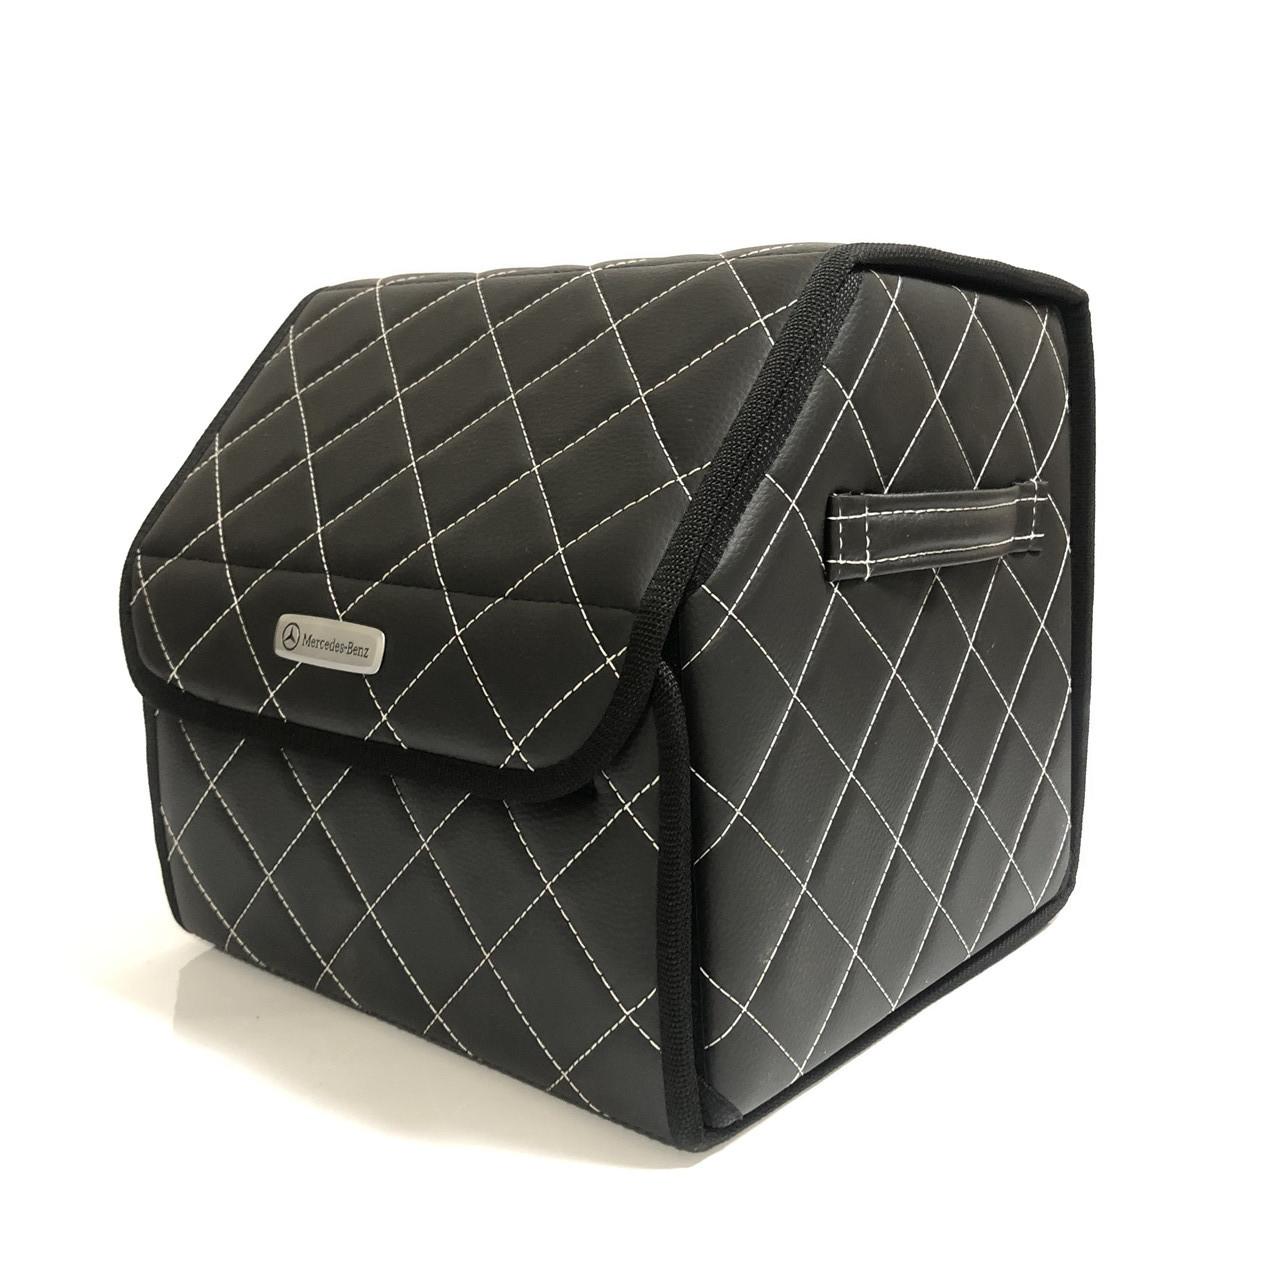 Саквояж с лого в багажник «Mercedes-Benz» I Органайзер в авто черный Мерседес